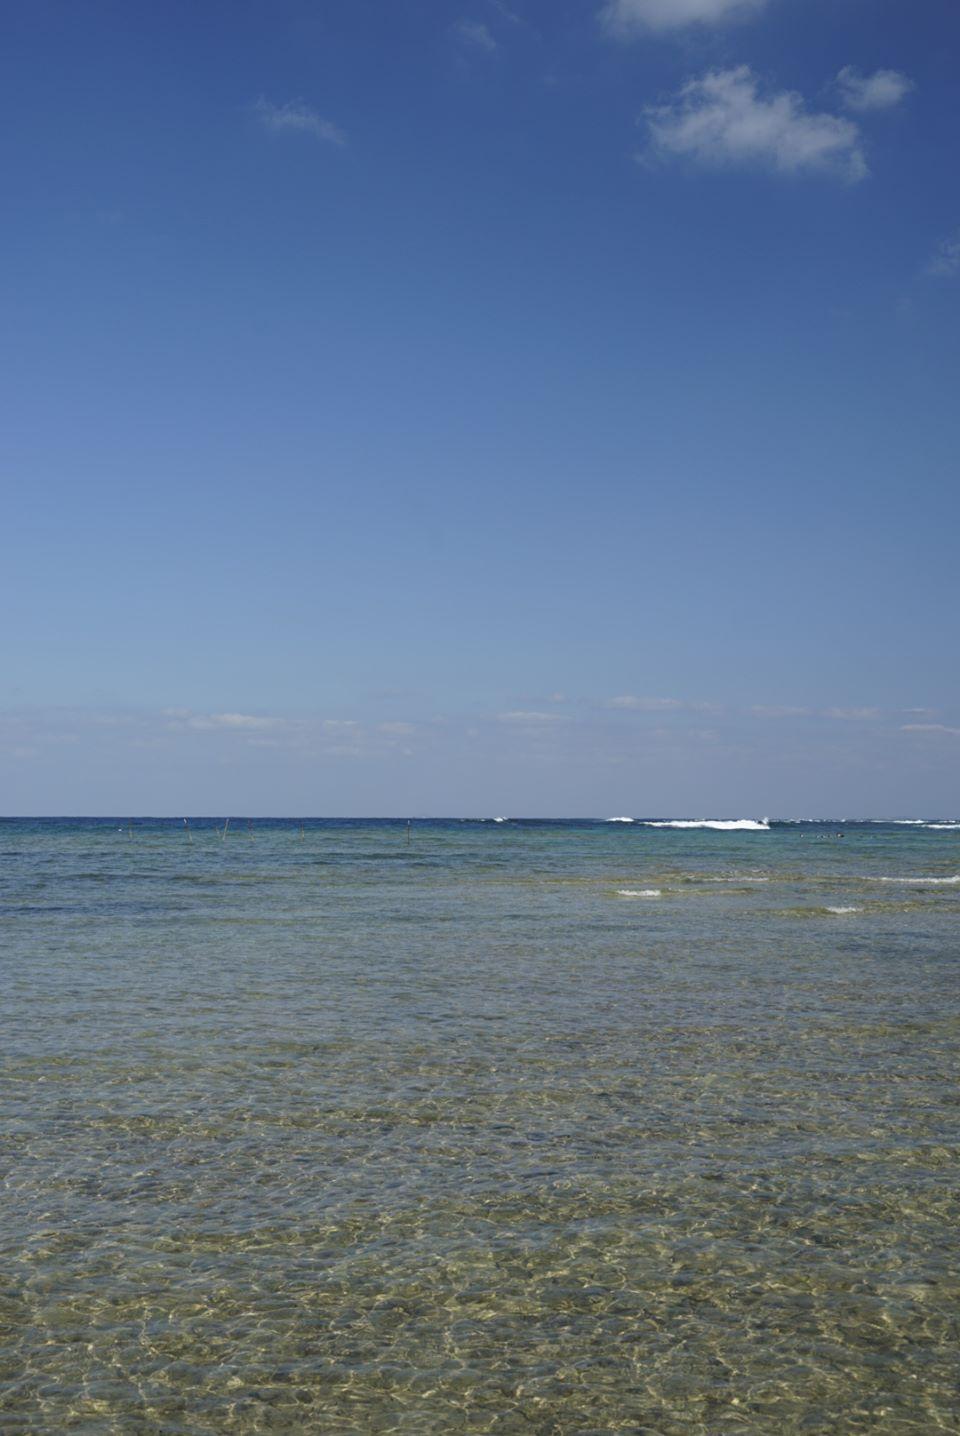 マリブビーチ遠浅